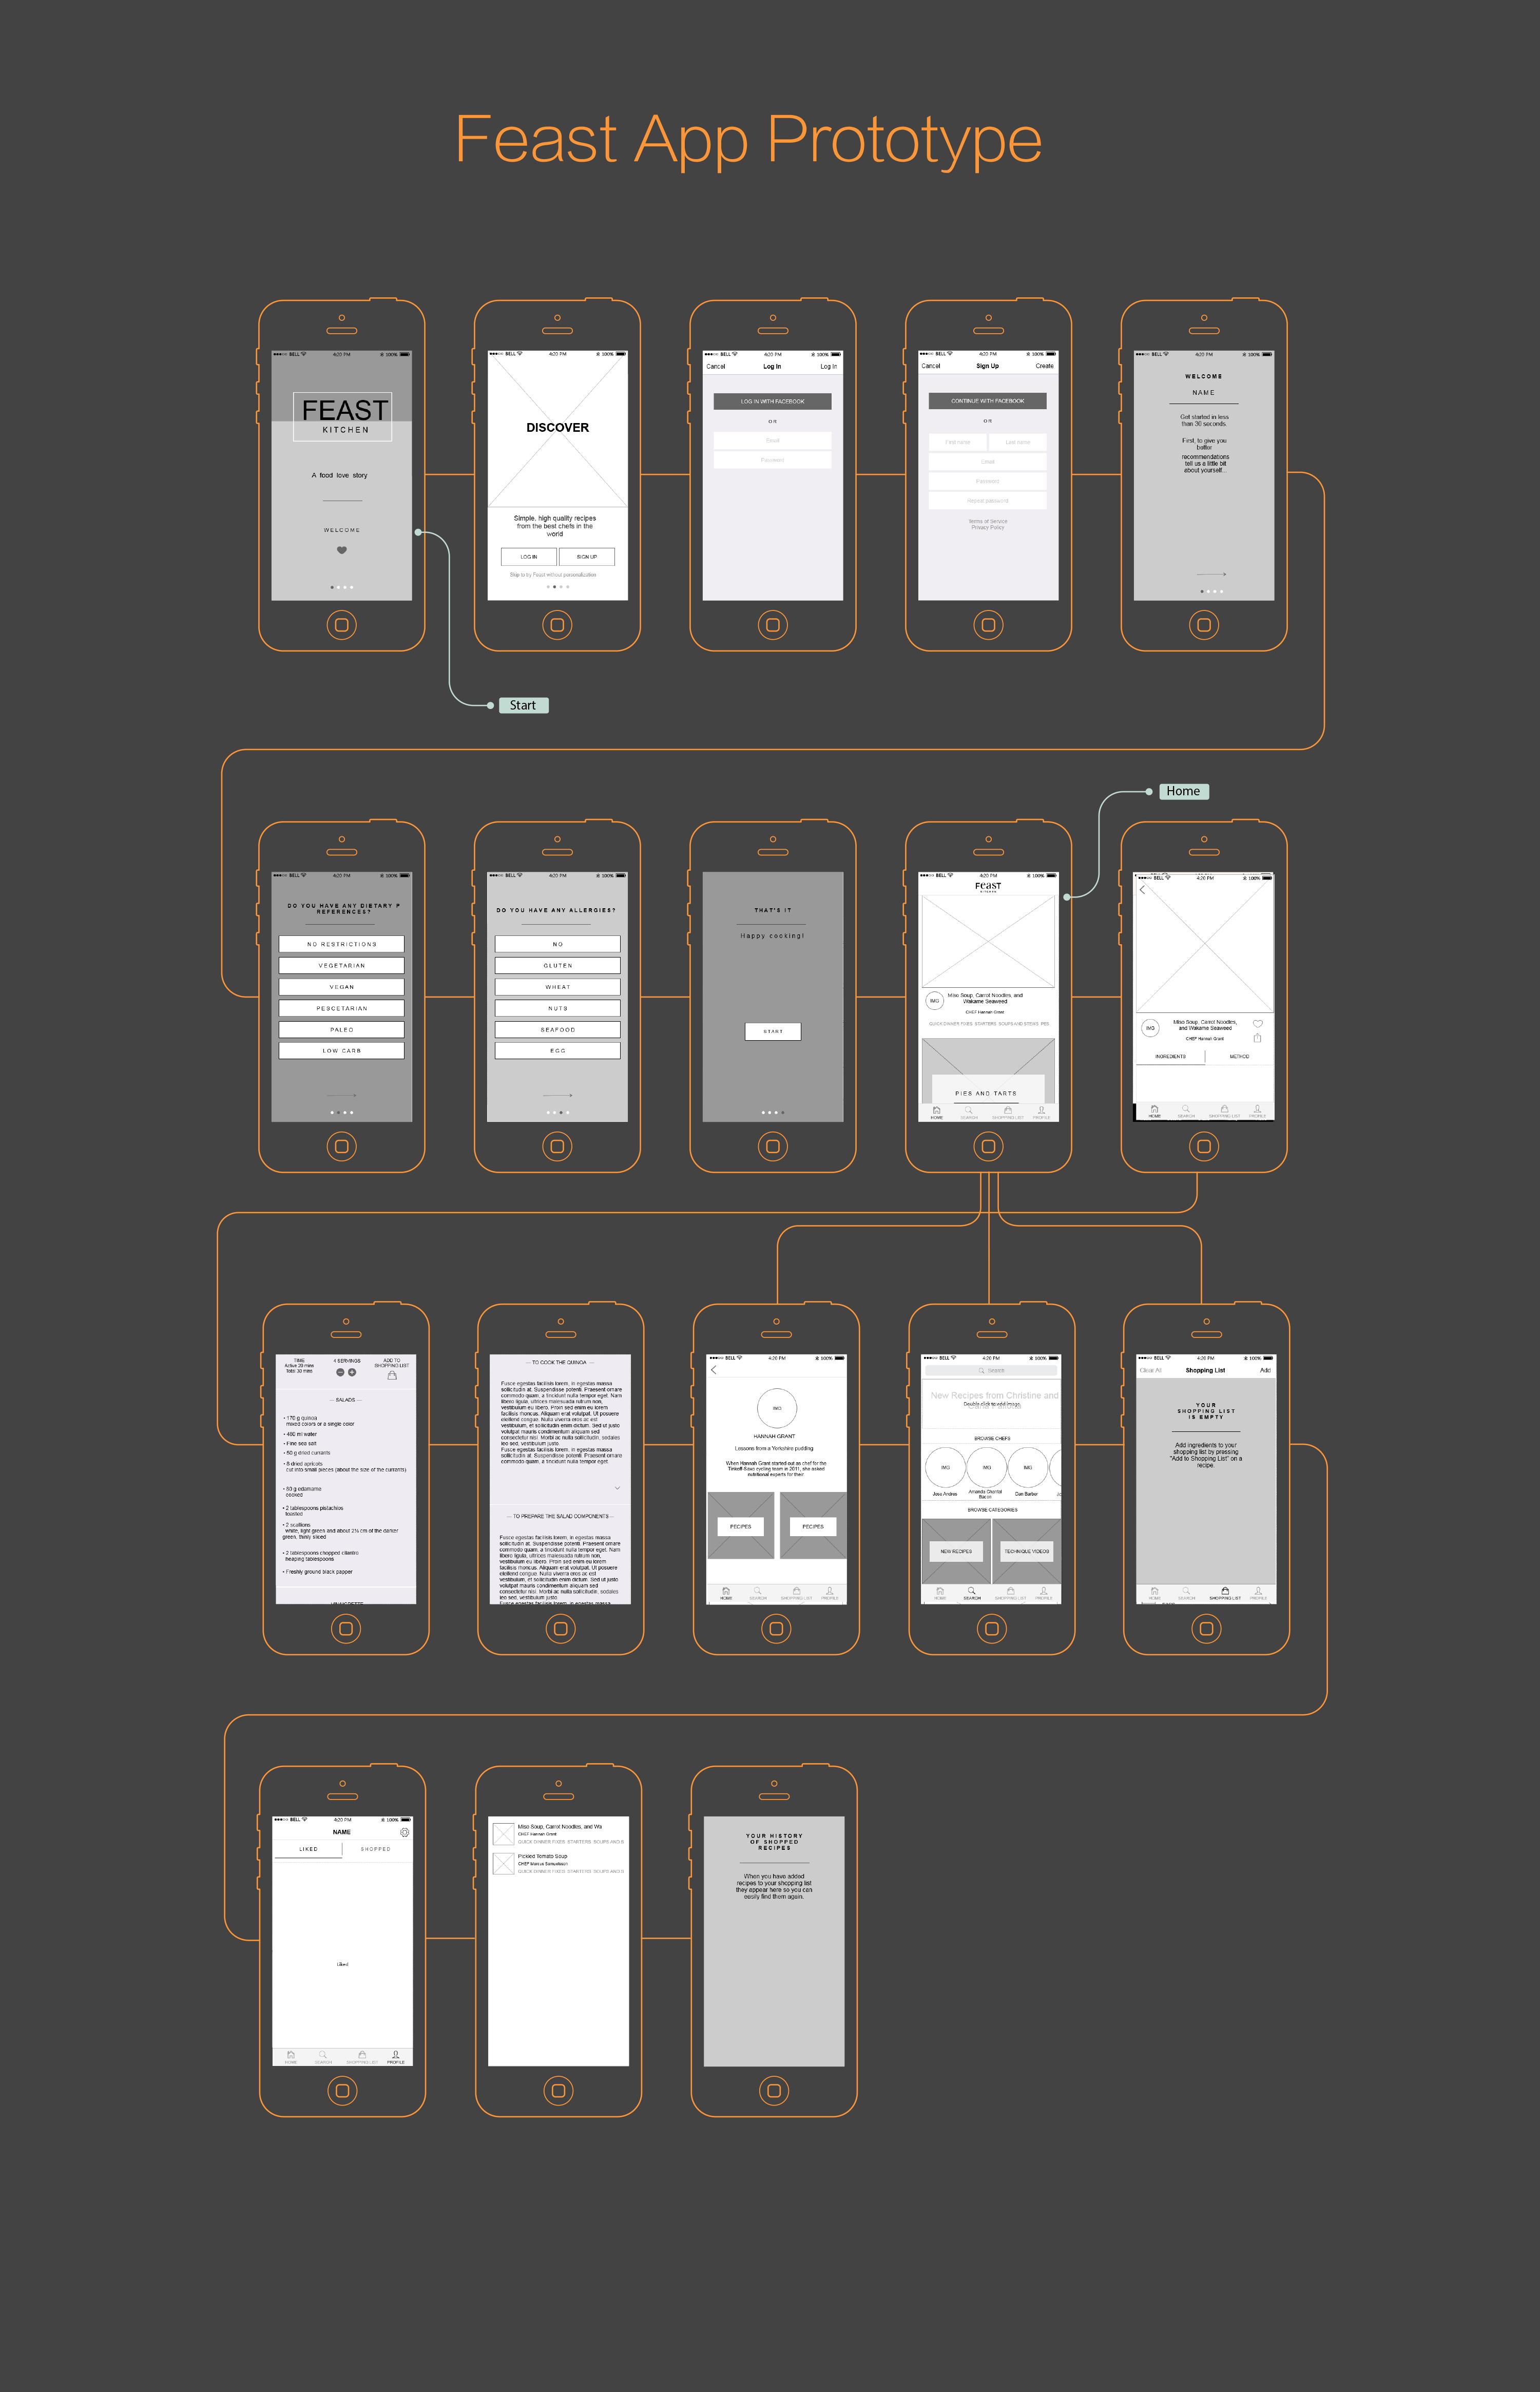 Mockplus Prototype Example-Feast UI Flow